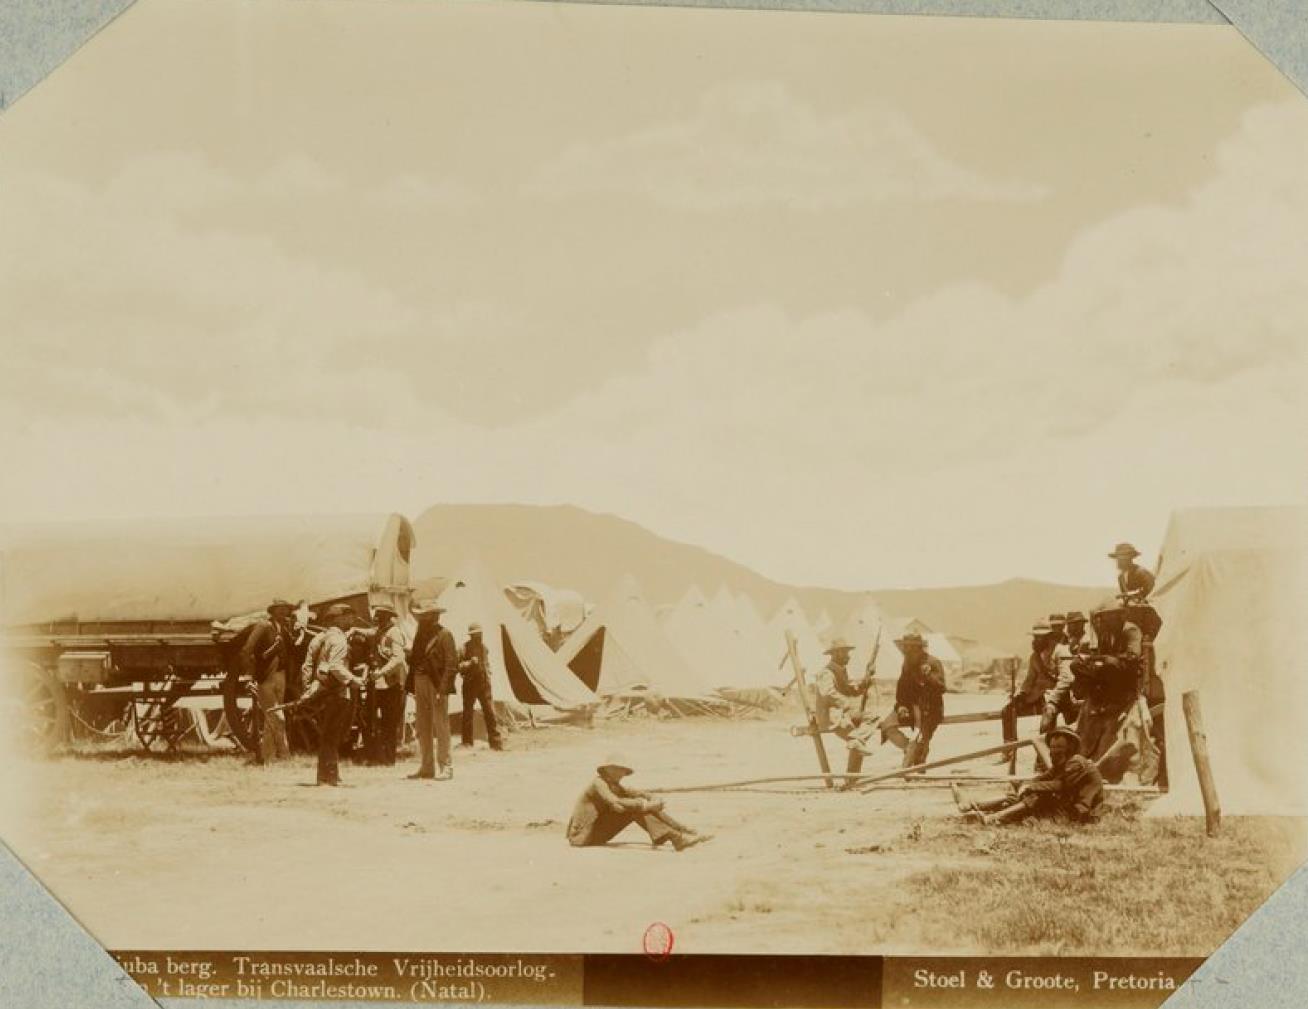 Южная Африка в эпоху англо-бурских войн. Часть 2